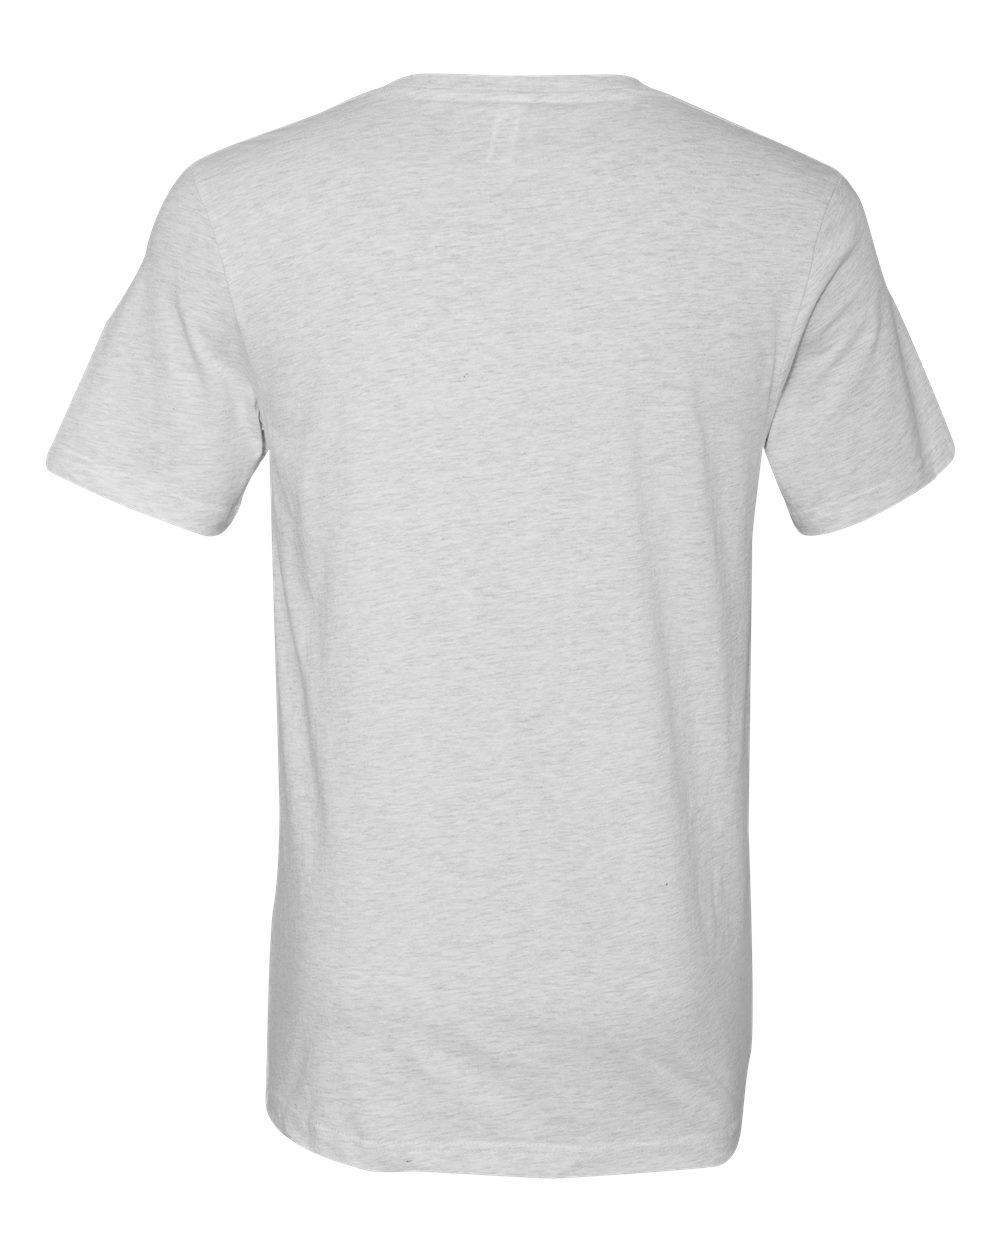 Bella-Canvas-Men-039-s-Jersey-Short-Sleeve-V-Neck-T-Shirt-3005-XS-3XL thumbnail 37